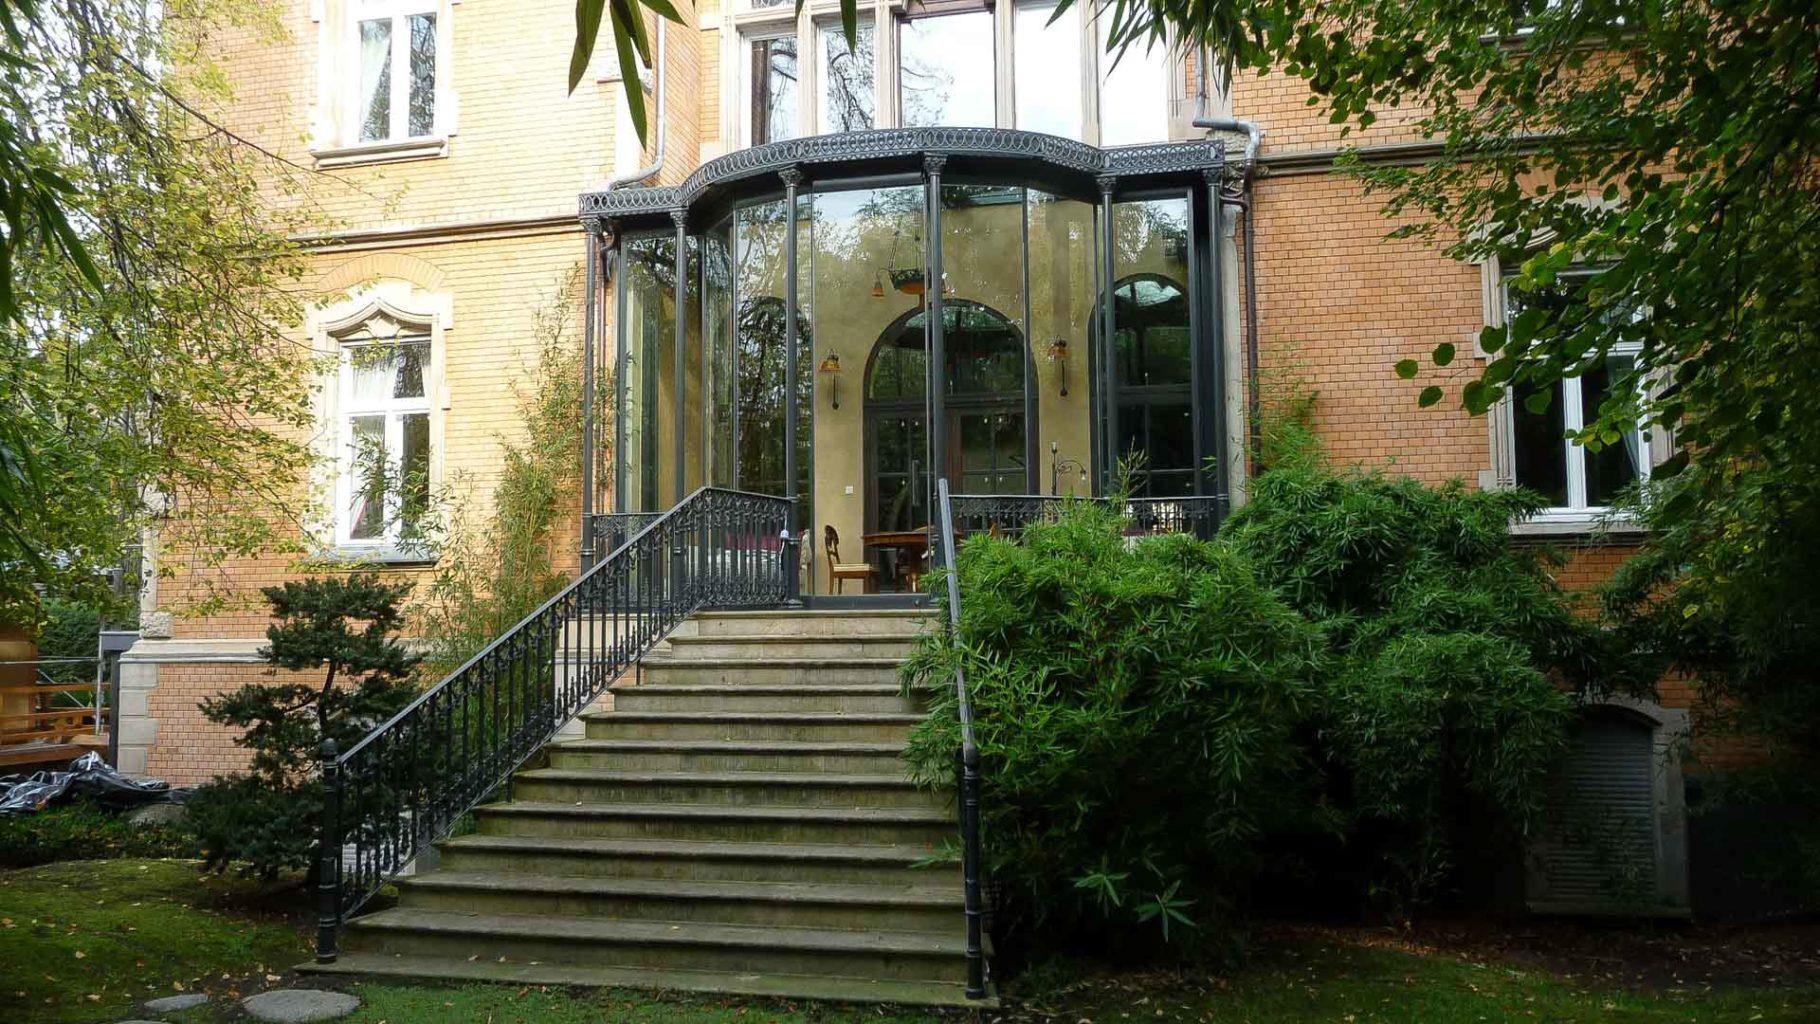 Vikorianischer Wintergarten in Wiesbaden (Objekt 1079). Moderne, raumhohe Glasfalttüren im historischen Wintergarten